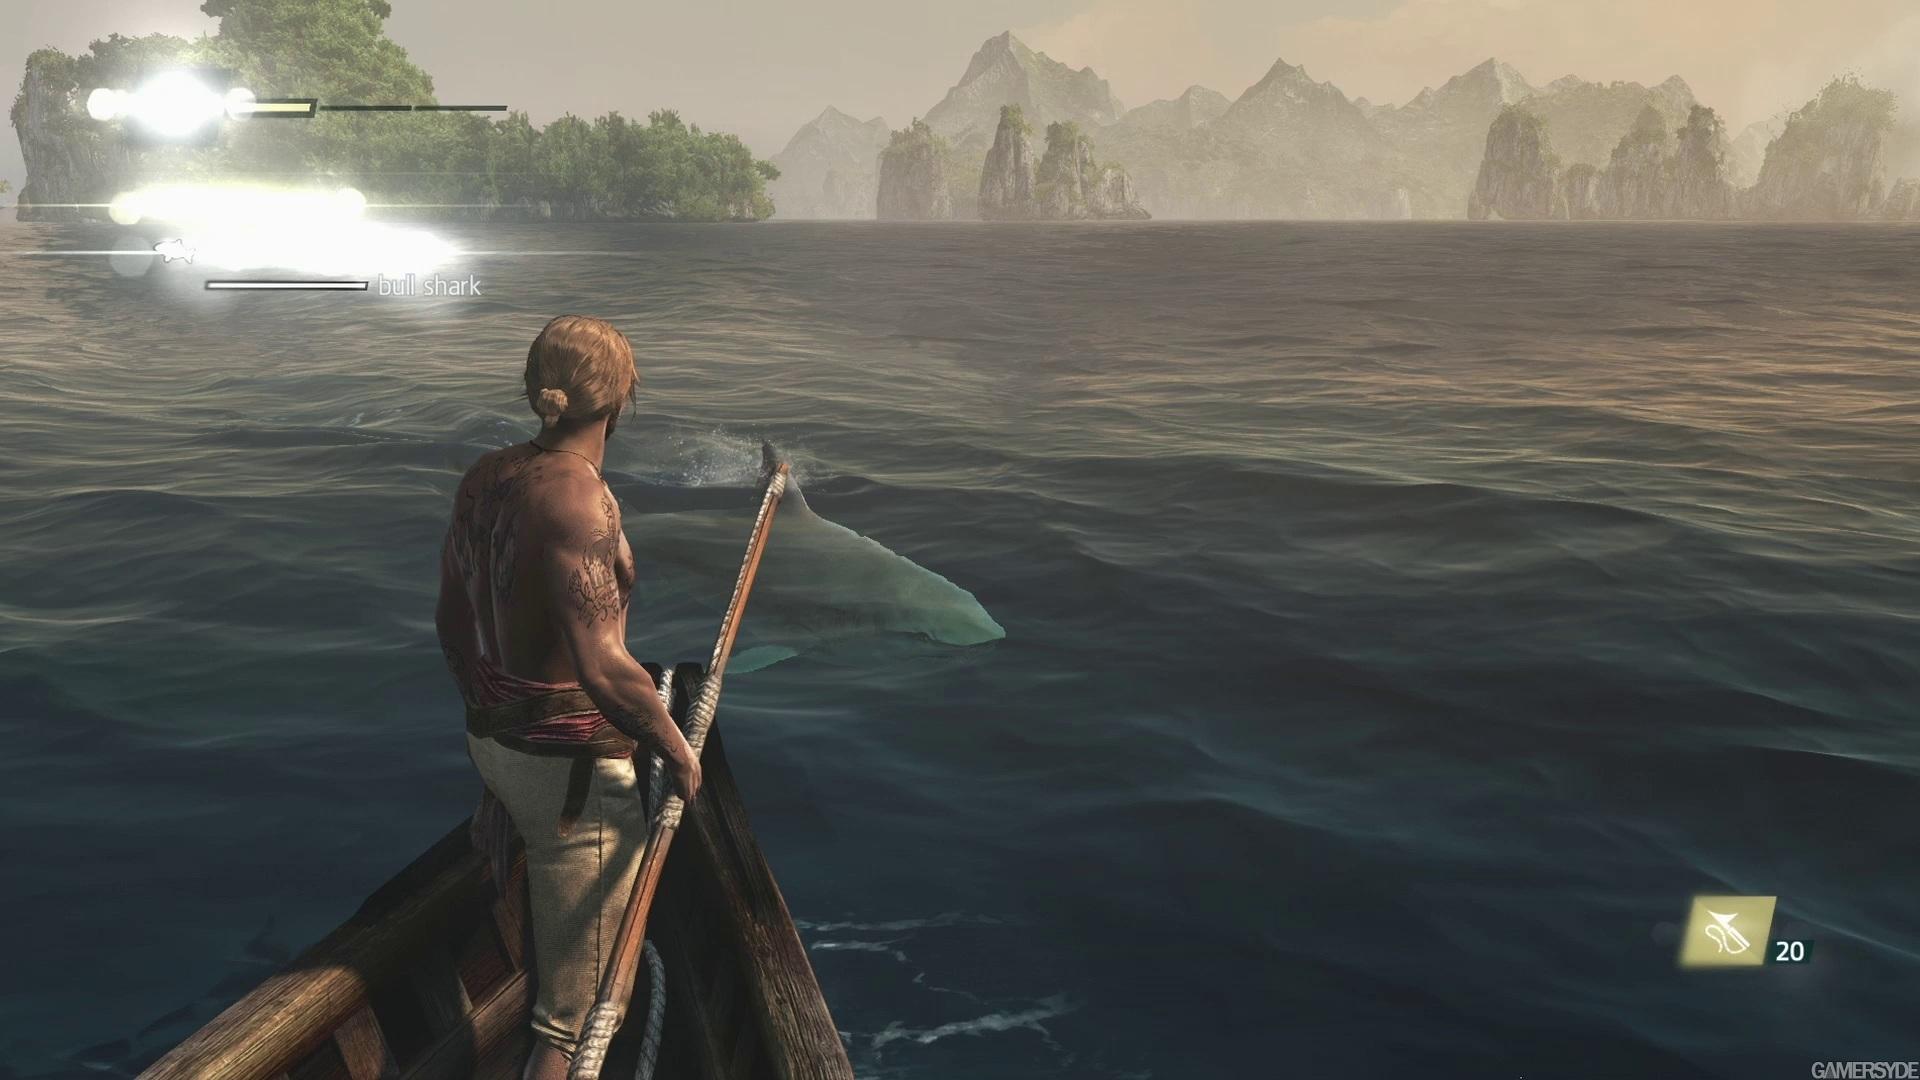 image   23118 1 0018 با تصاویر جدید Assassins Creed IV، شکار کوسه، پیدا کردن گنج ها در زیر آب و بیشتر را ببینید